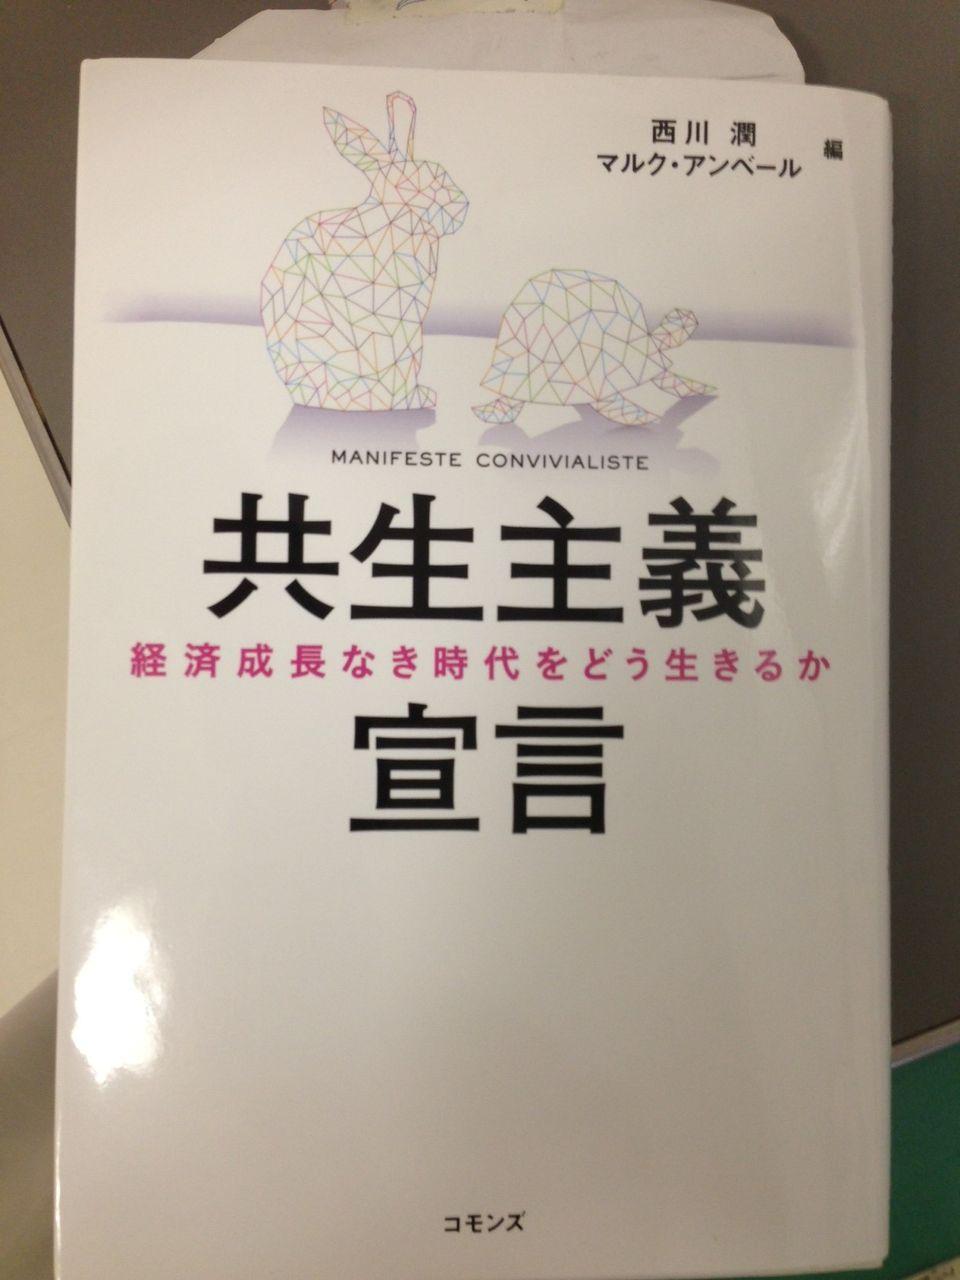 西川潤 共生主義宣言 本カバー